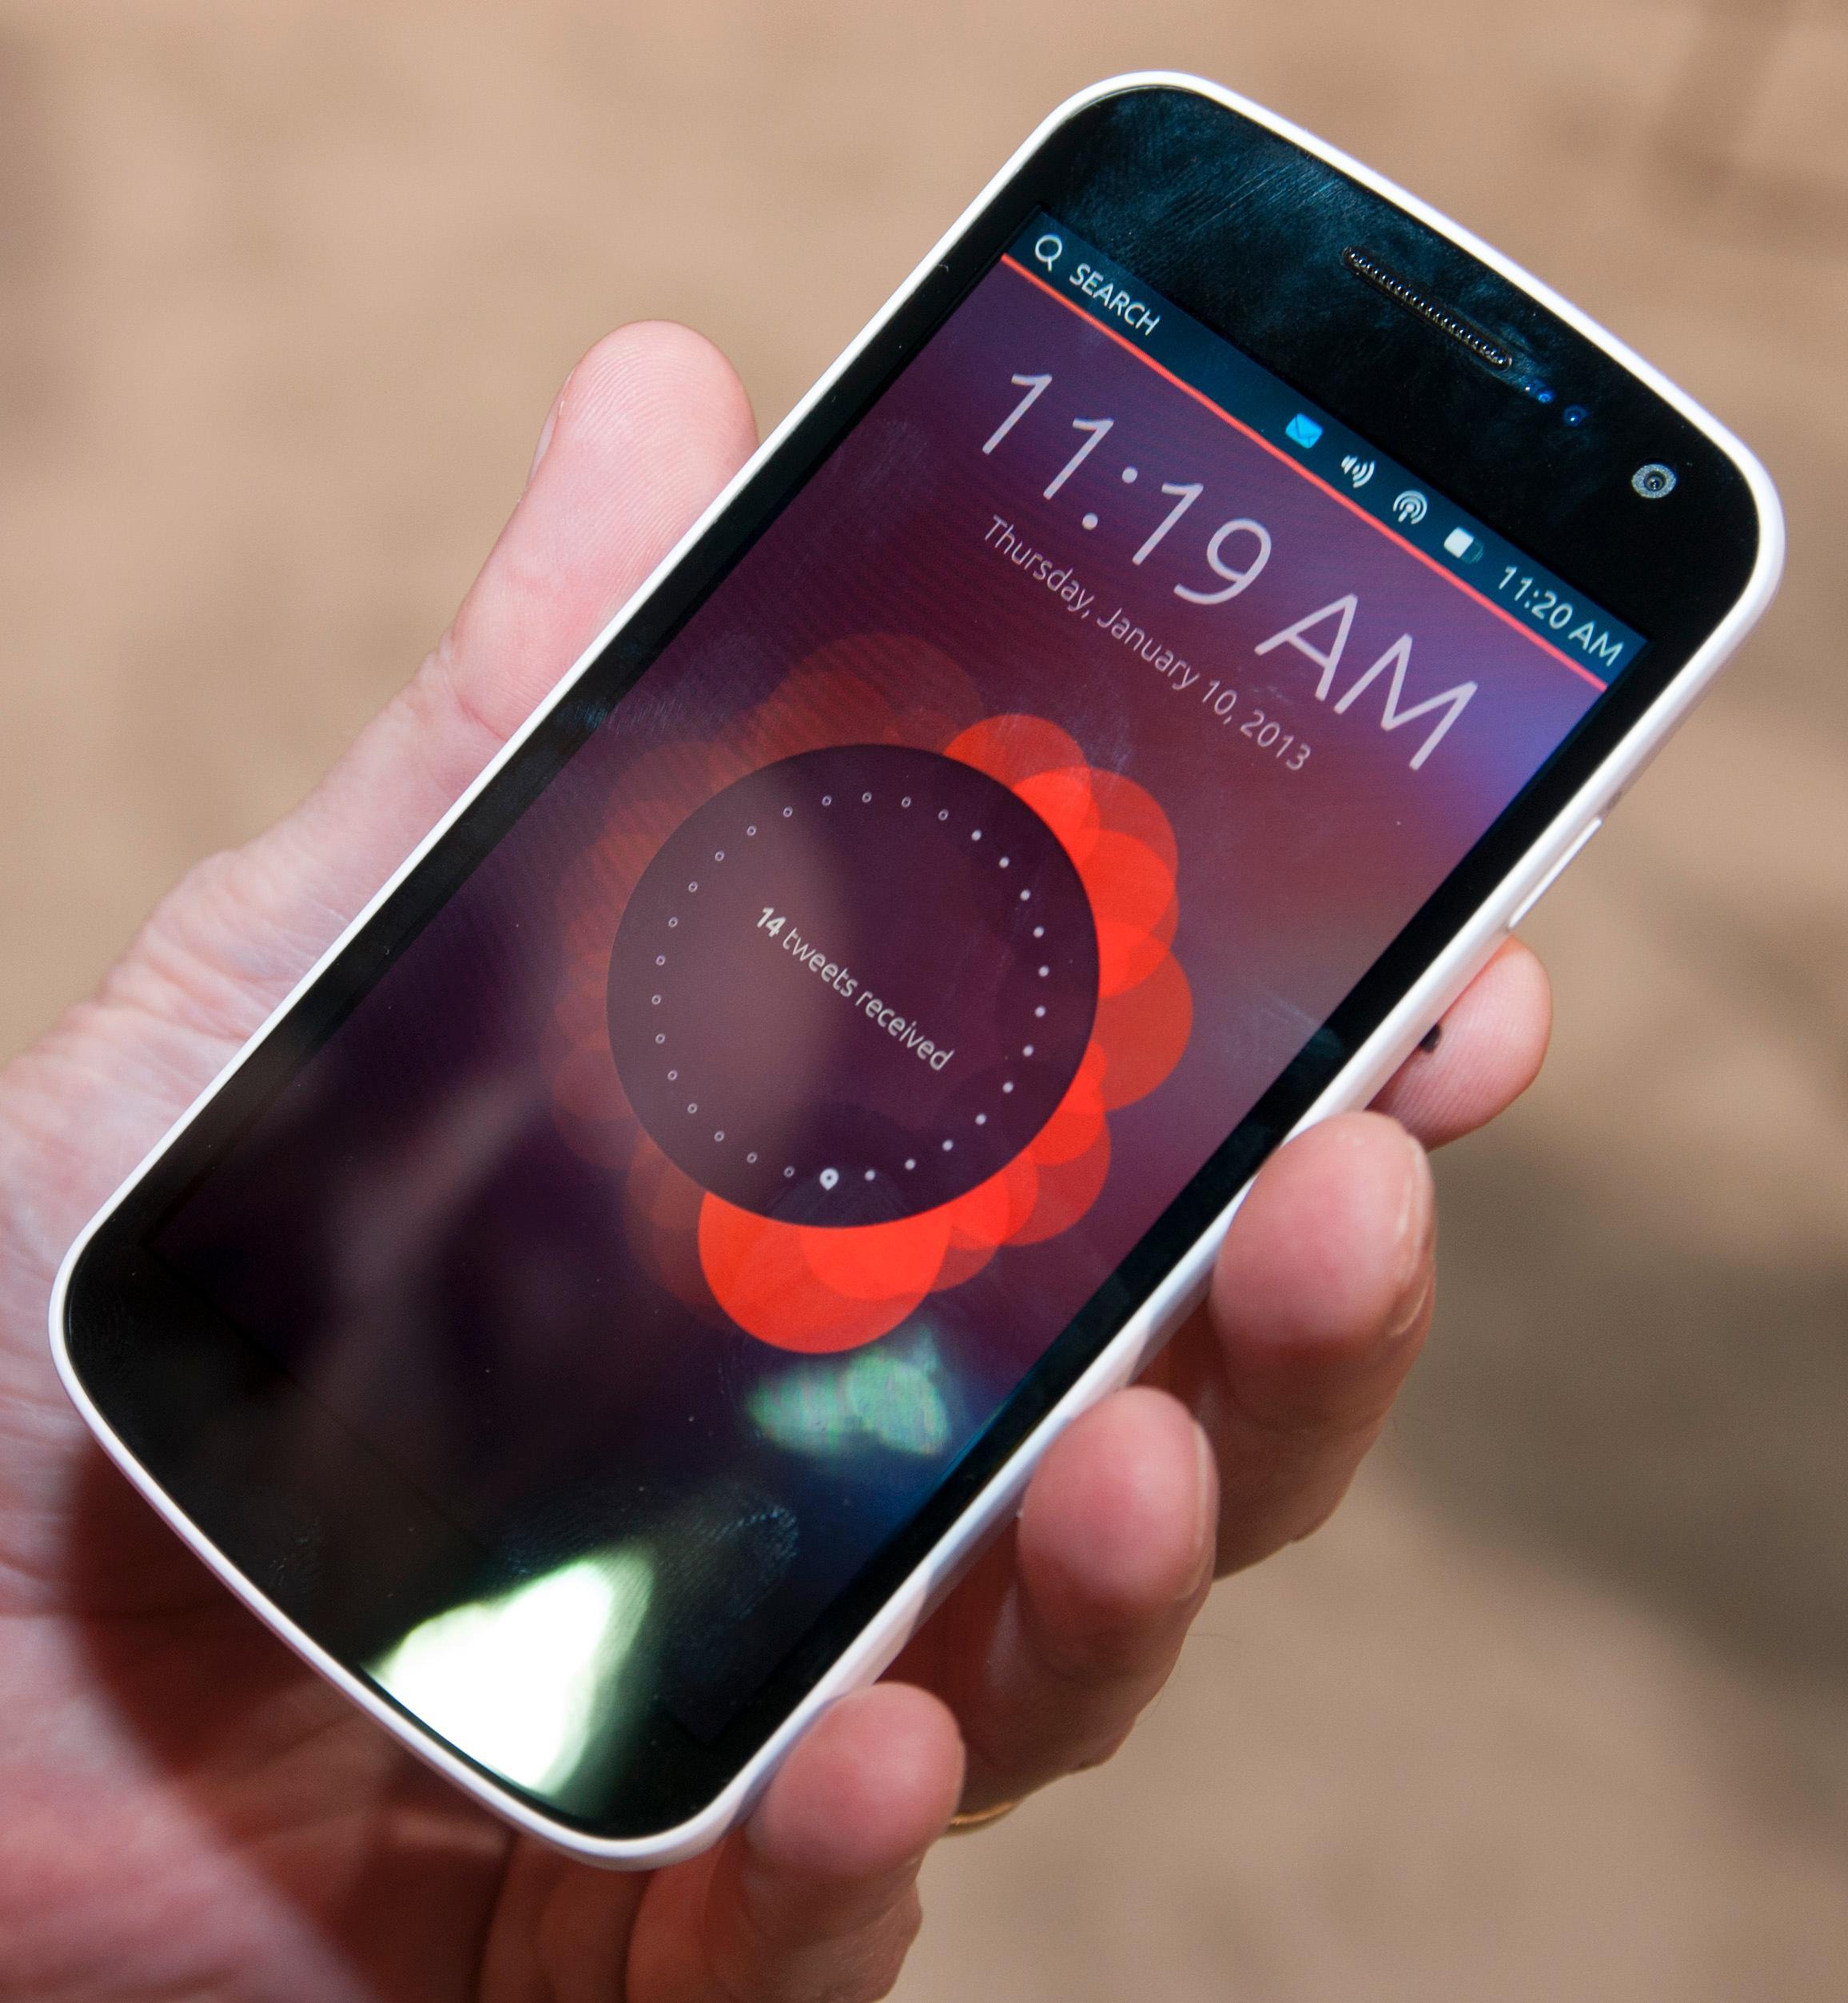 Canonical selv sier at Ubuntu ikke har en låseskjerm. Dette er imidlertid det som har mest til felles med den tradisjonelle låseskjermen. Her får du informasjon om tapte anrop, meldinger og hva som har skjedd på sosiale nettverk.Foto: Finn Jarle Kvalheim, Amobil.no